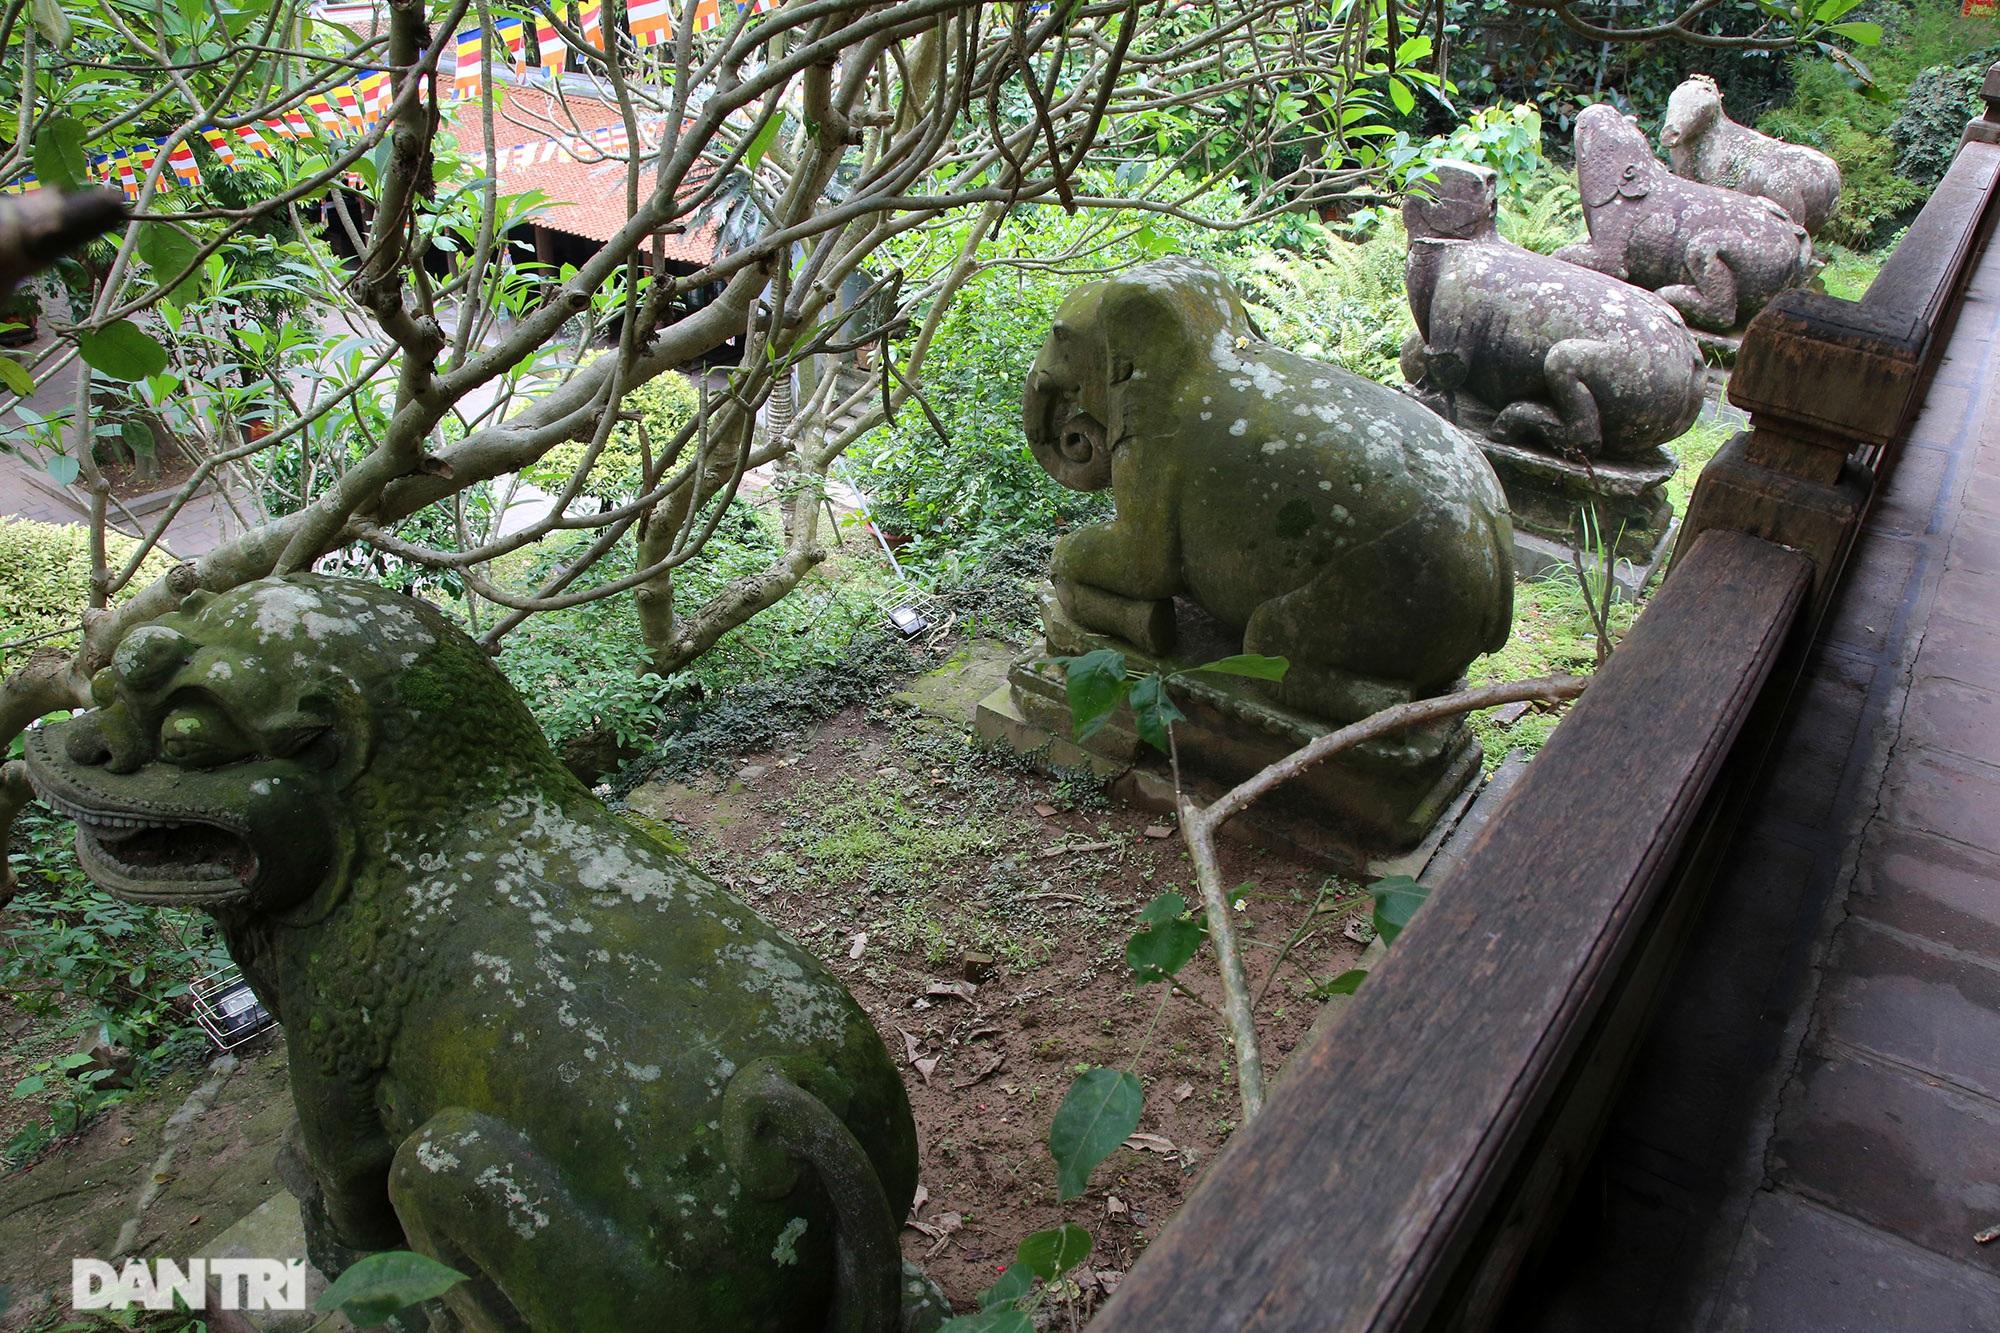 Kỳ lạ 10 linh thú đá nghìn năm tuổi canh gác chùa Phật Tích - 3